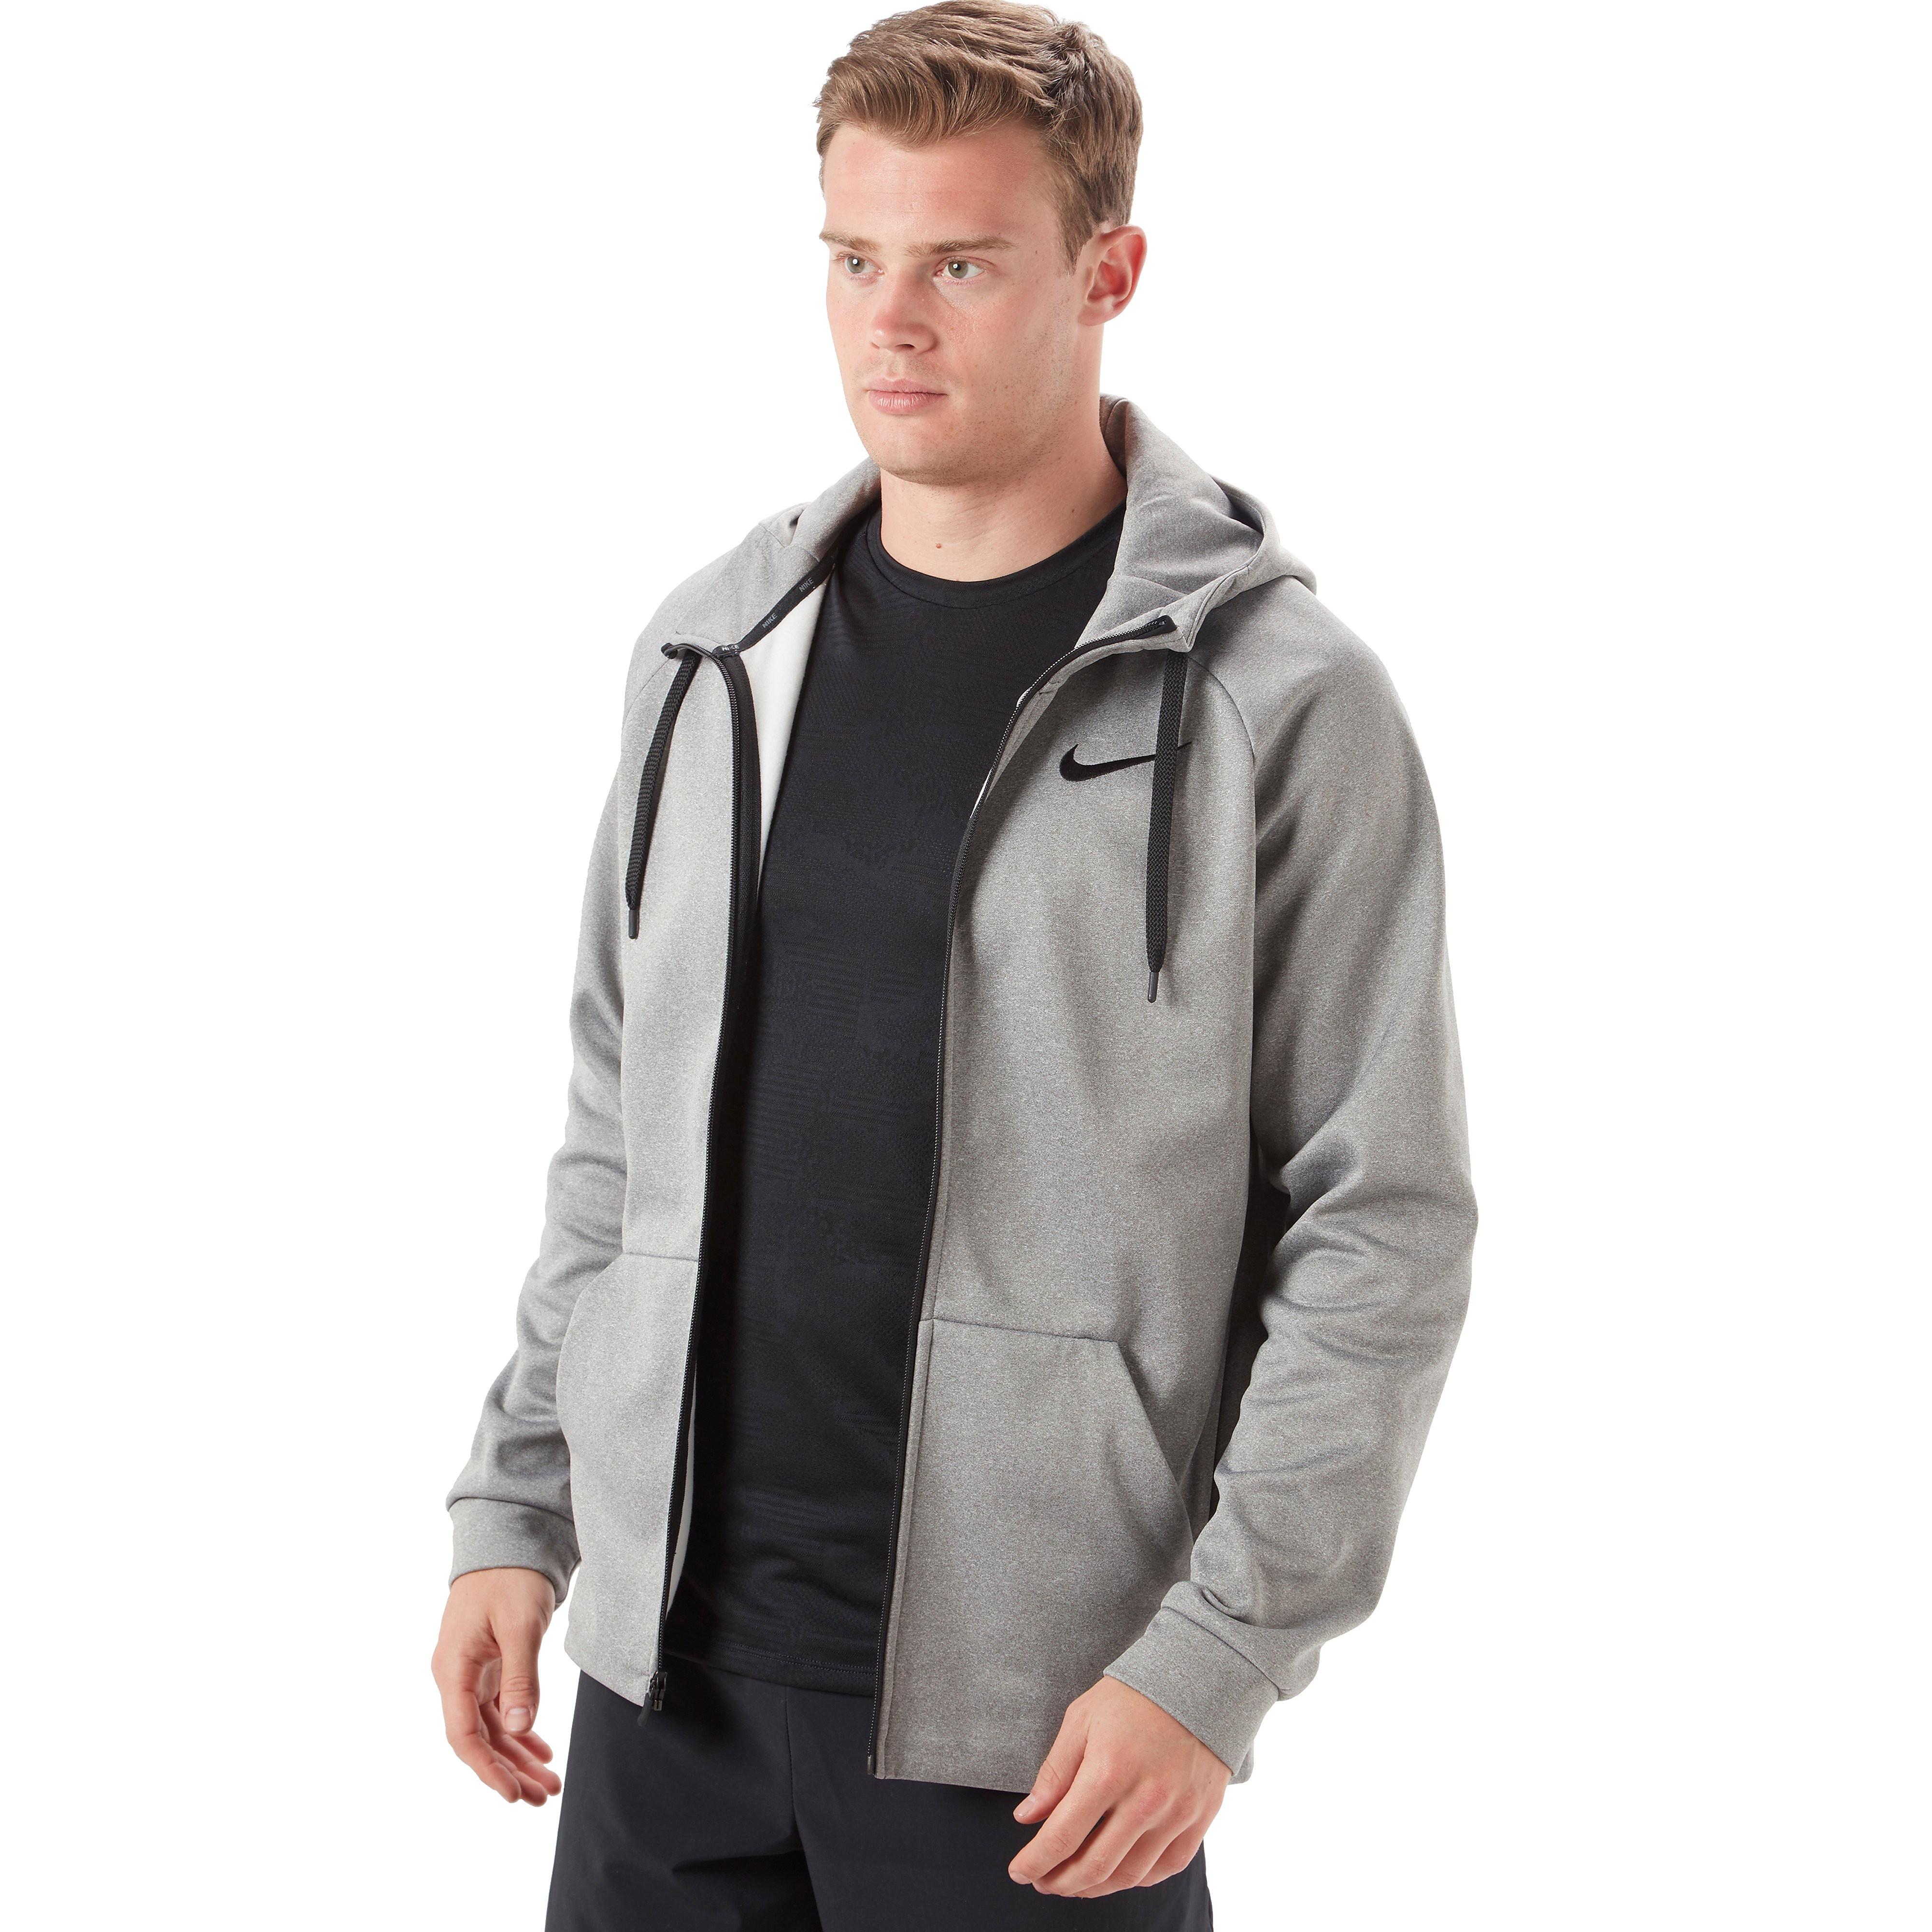 Nike Training Poly Hooded Men's Jacket